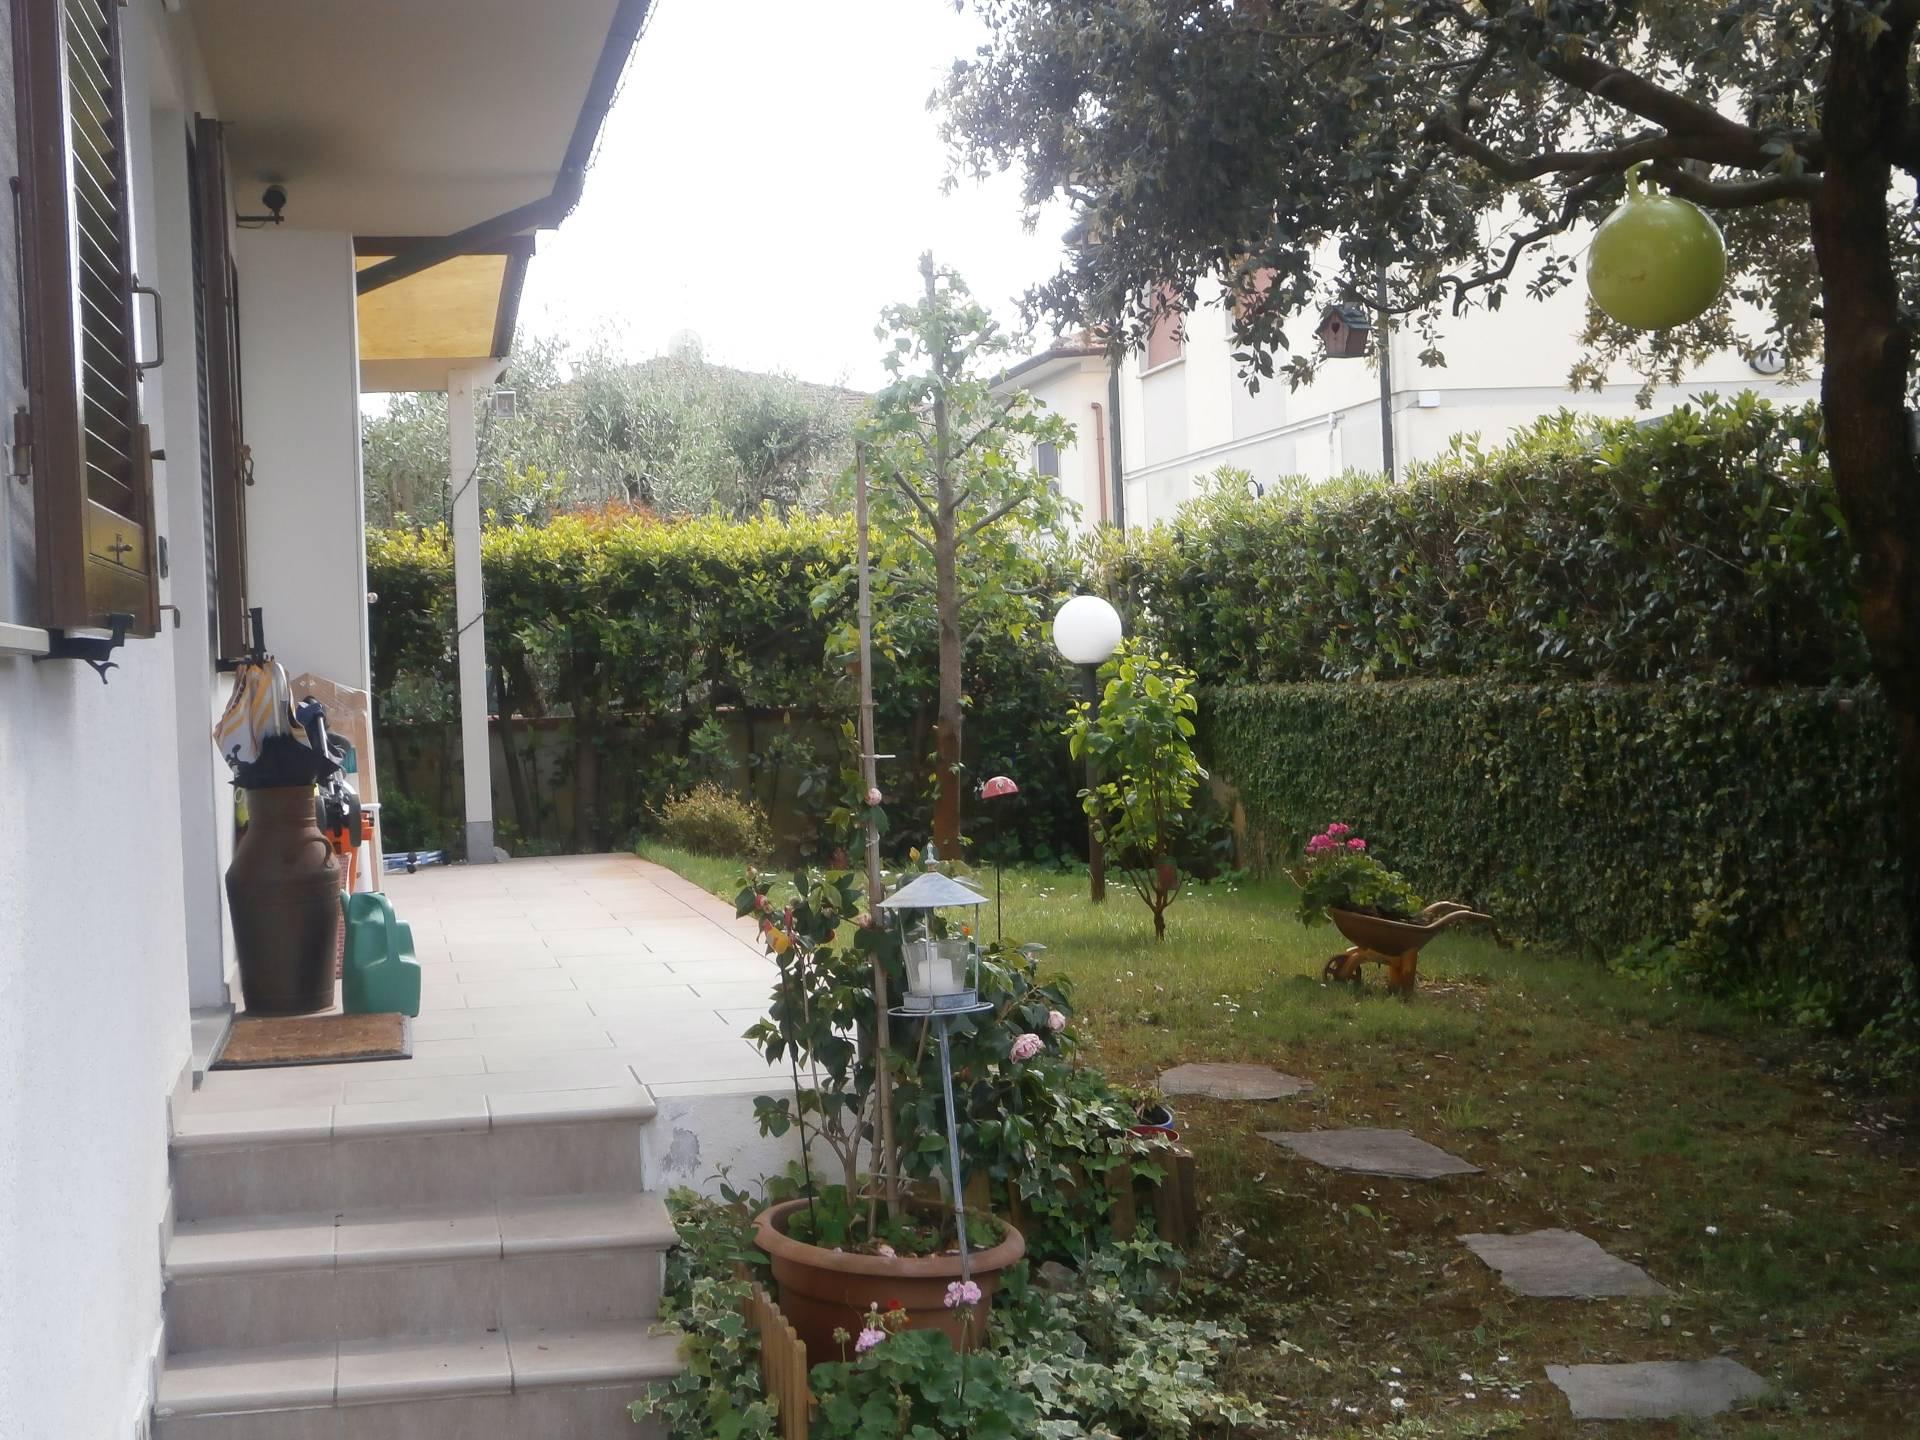 Villa in vendita a San Giuliano Terme, 5 locali, zona Zona: Arena-Metato, prezzo € 380.000 | CambioCasa.it